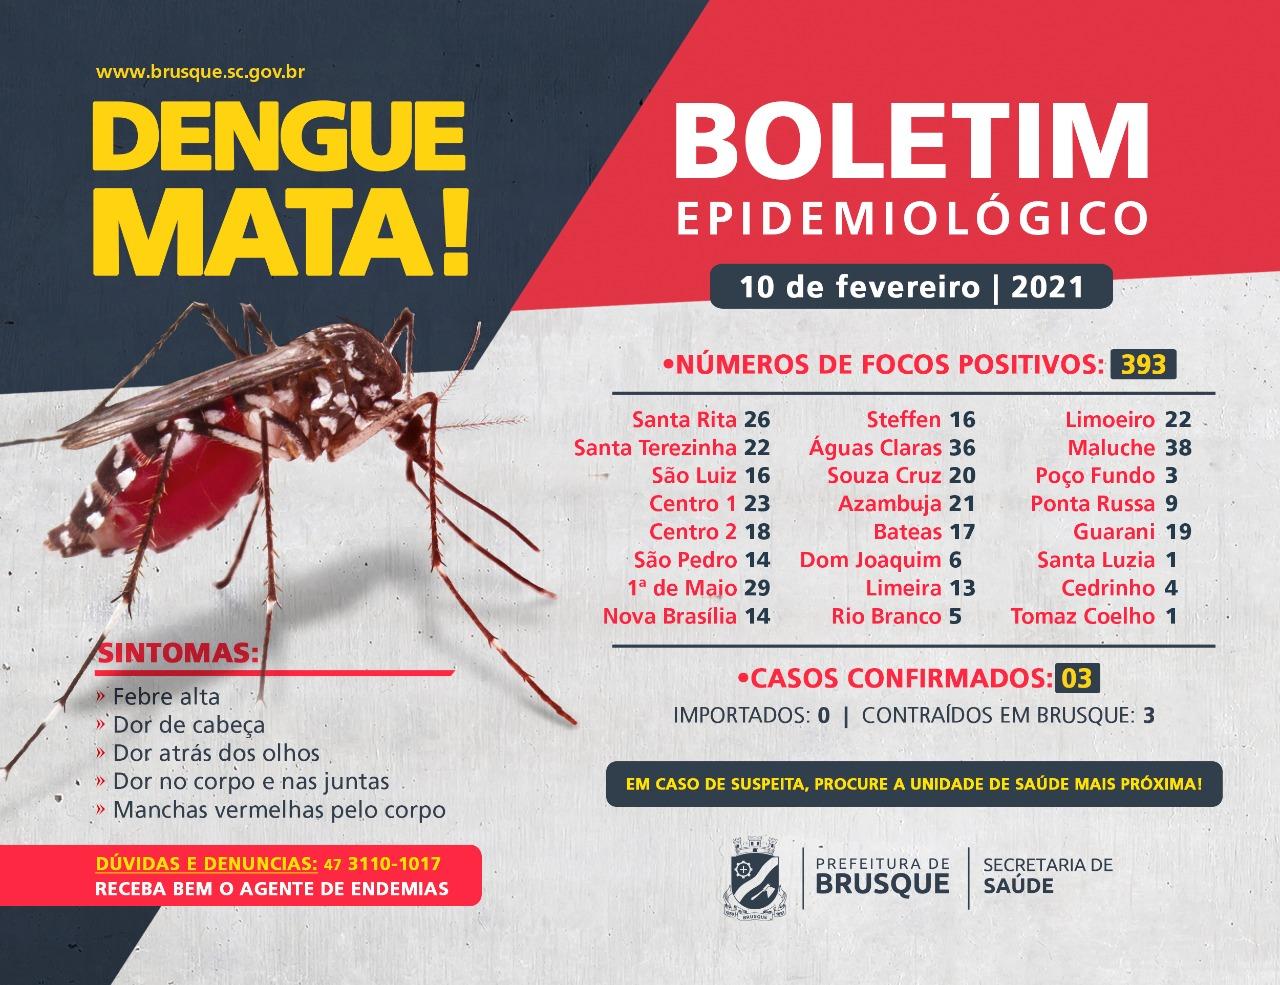 Confira o boletim epidemiológico da dengue desta quarta-feira (10)